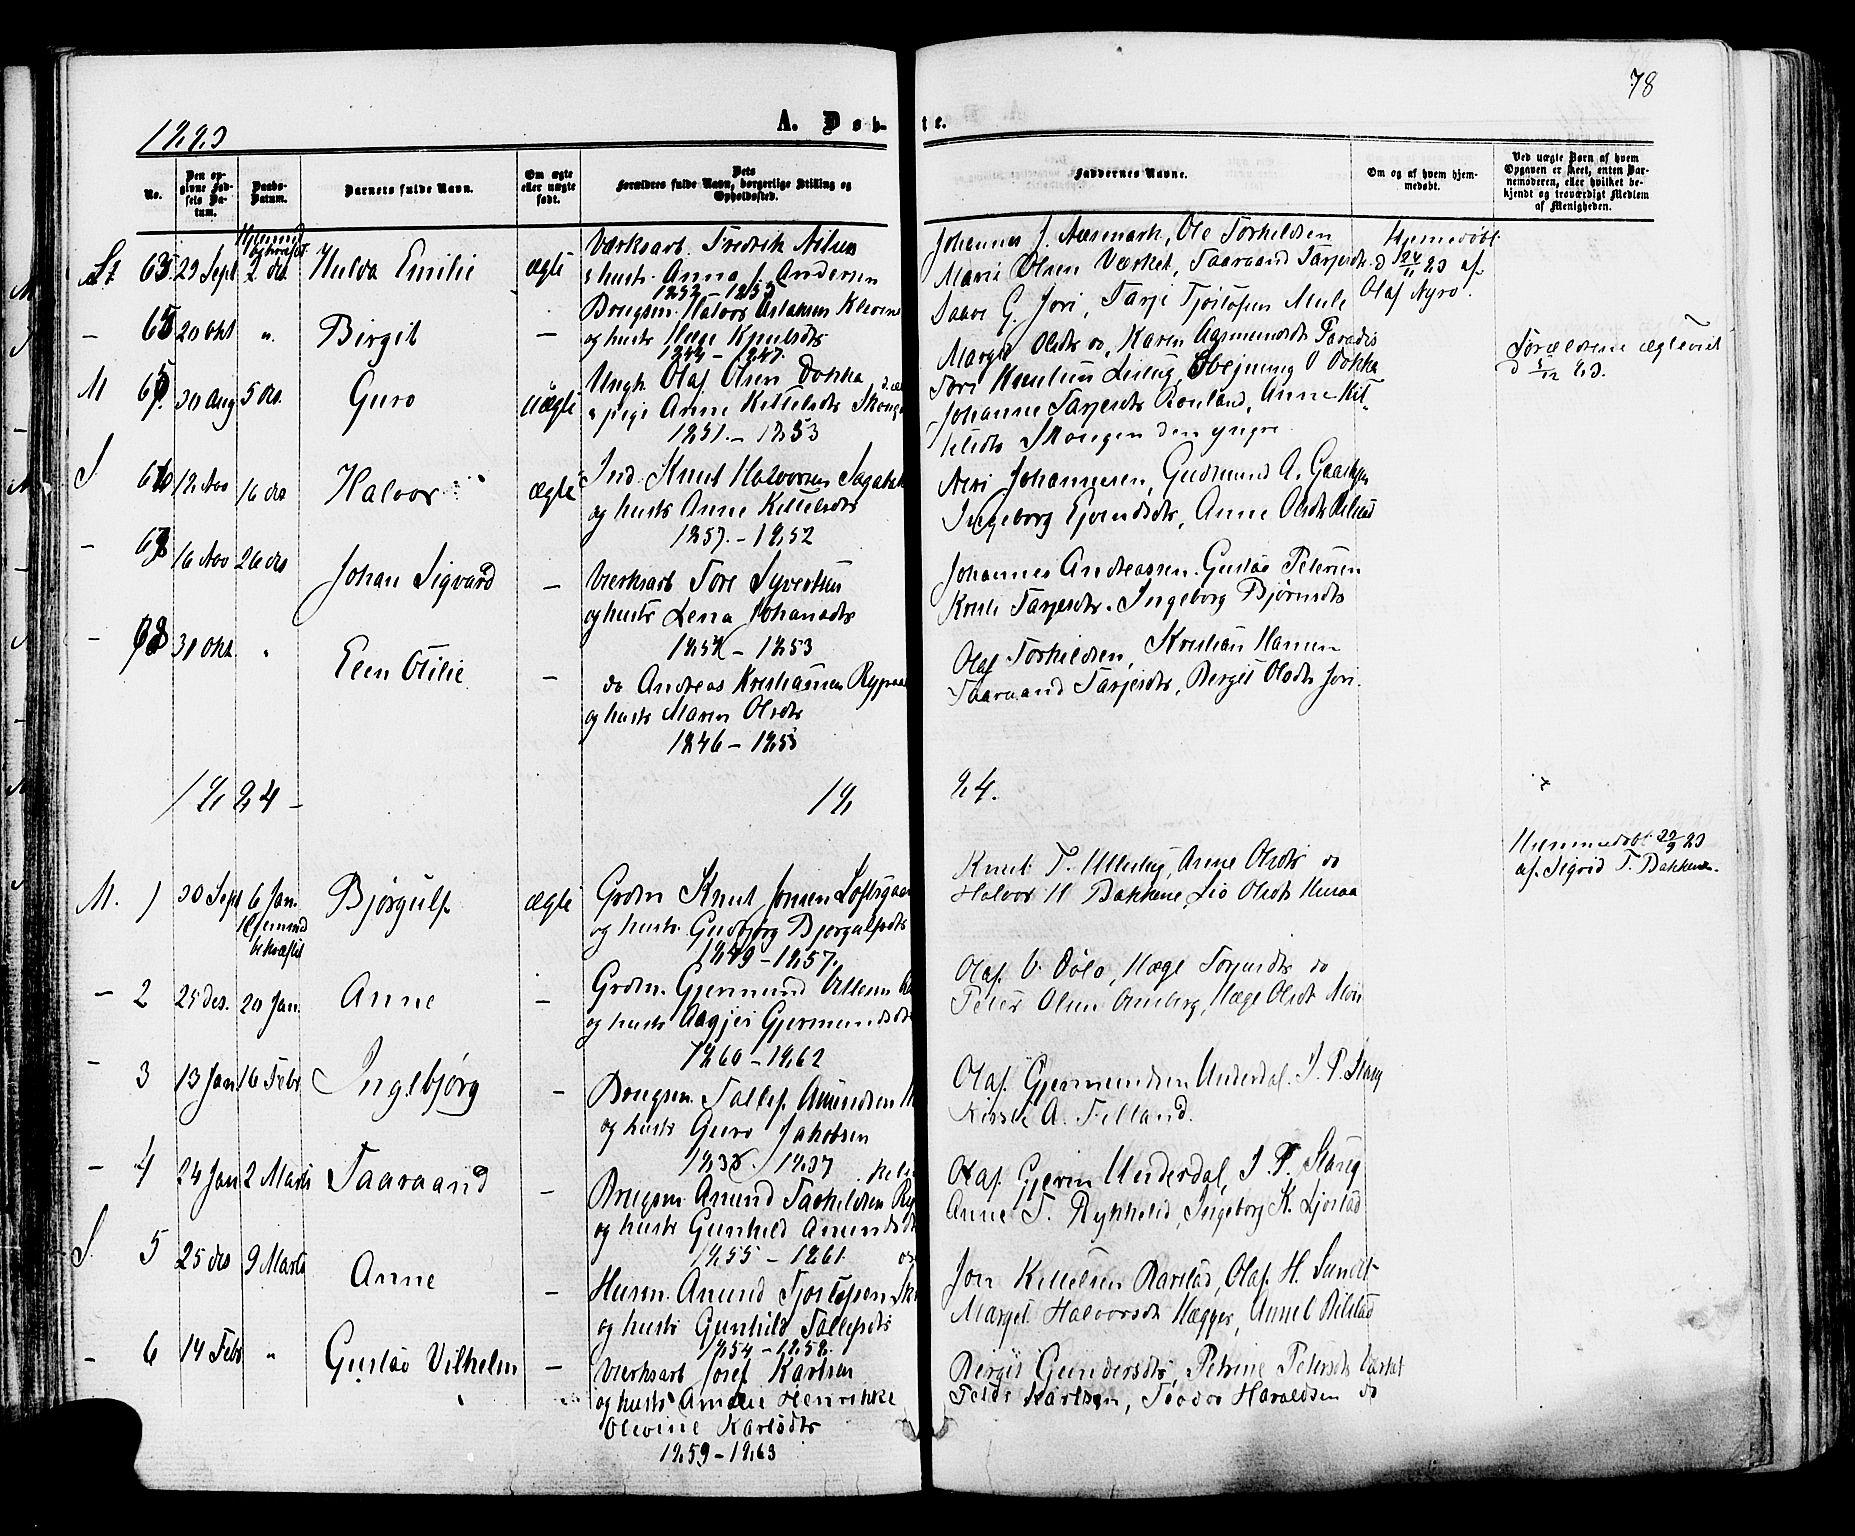 SAKO, Mo kirkebøker, F/Fa/L0006: Ministerialbok nr. I 6, 1865-1885, s. 78